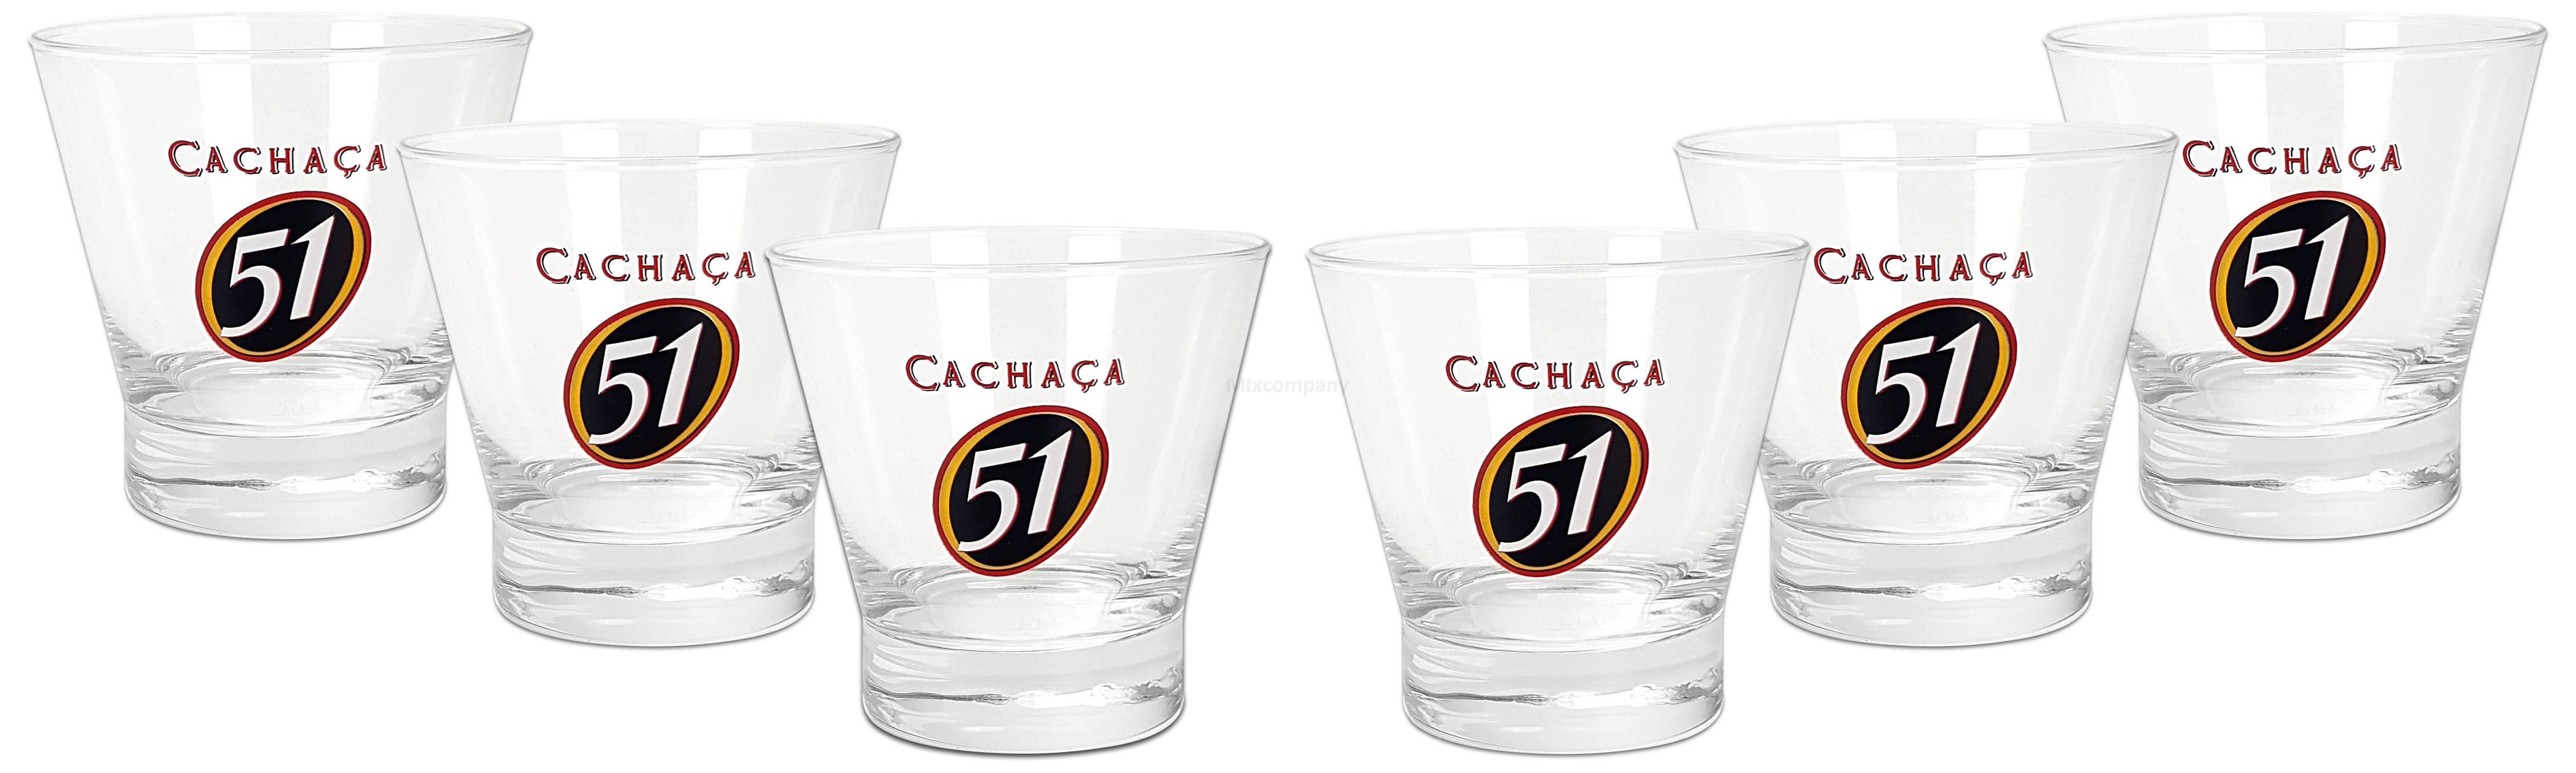 Cachaca 51 Tumbler Glas Gläser Set - 6x Tumbler 2/4cl geeicht